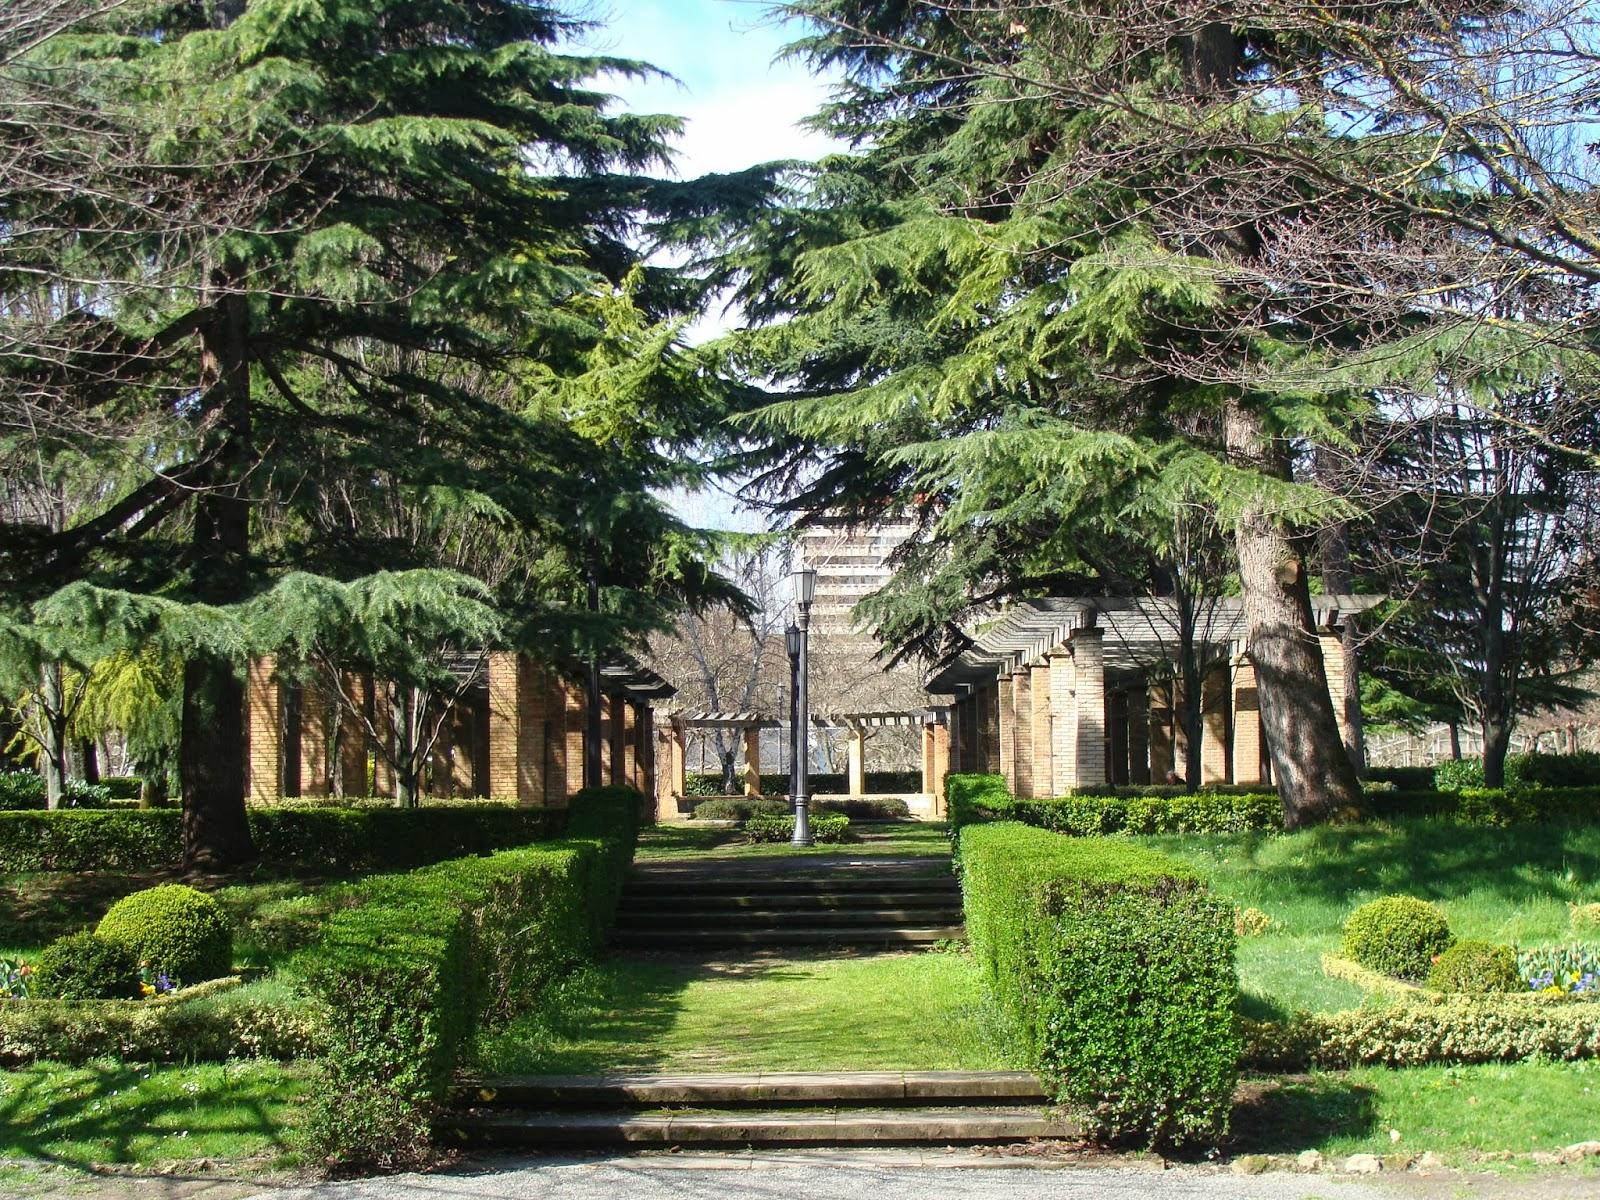 El rincon de un jardin parque de la taconera pamplona for Jardines de la taconera